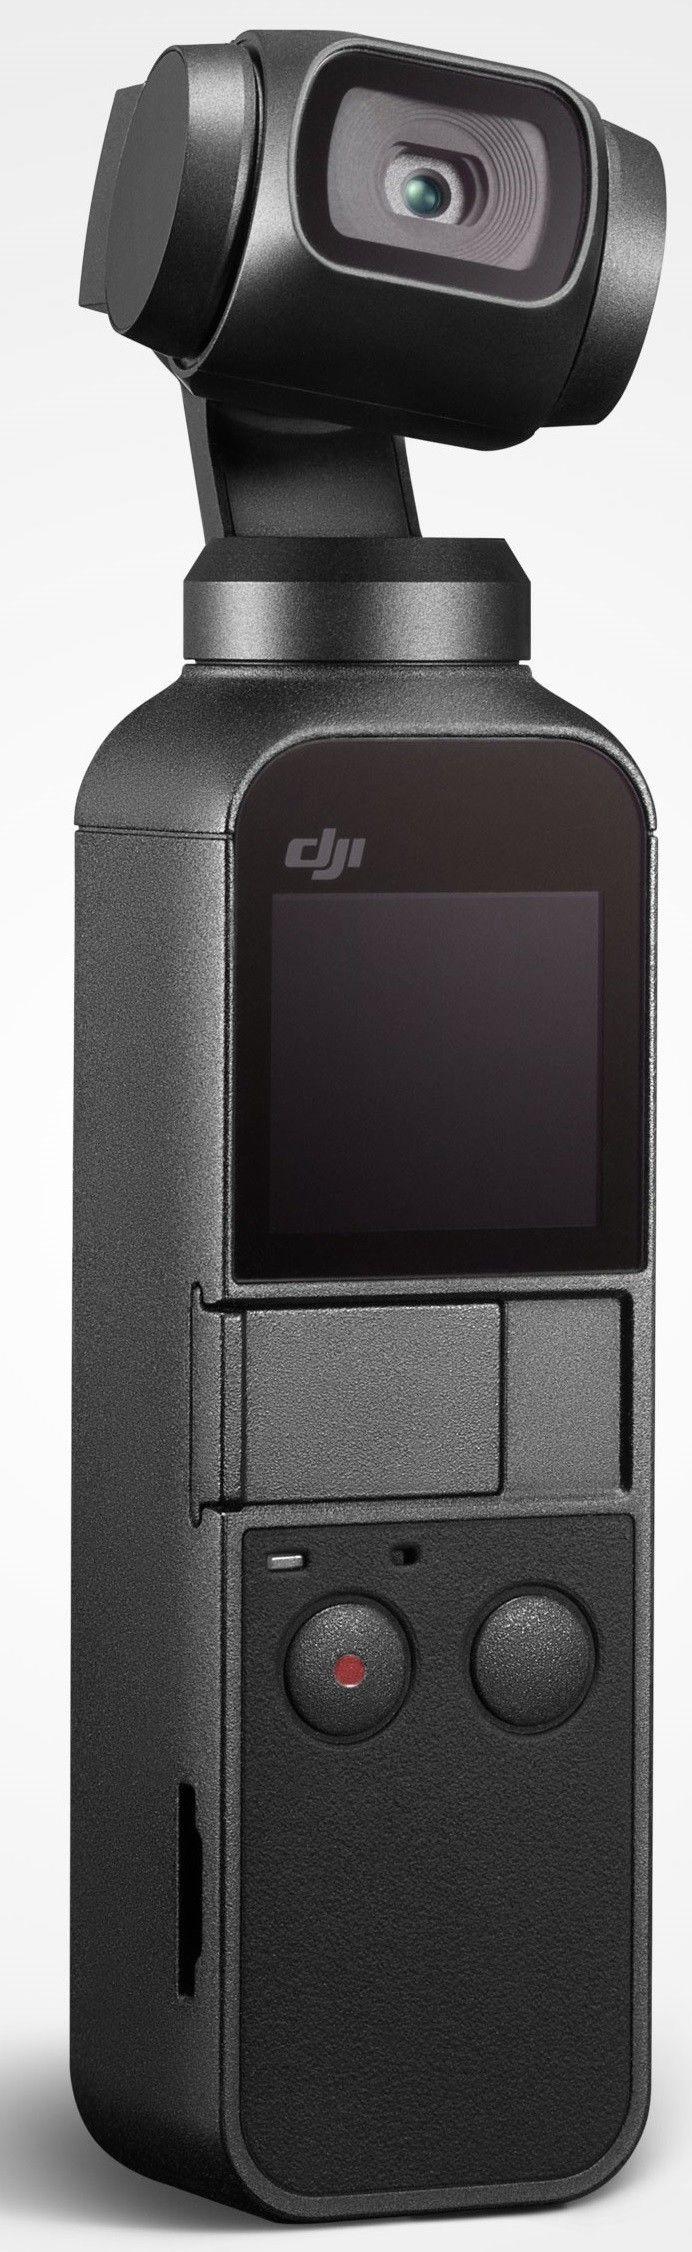 DJI Osmo Pocket + Expansion Kit Tylko najlepszy sprzęt od GoPro i DJI ZIELONA GÓRA